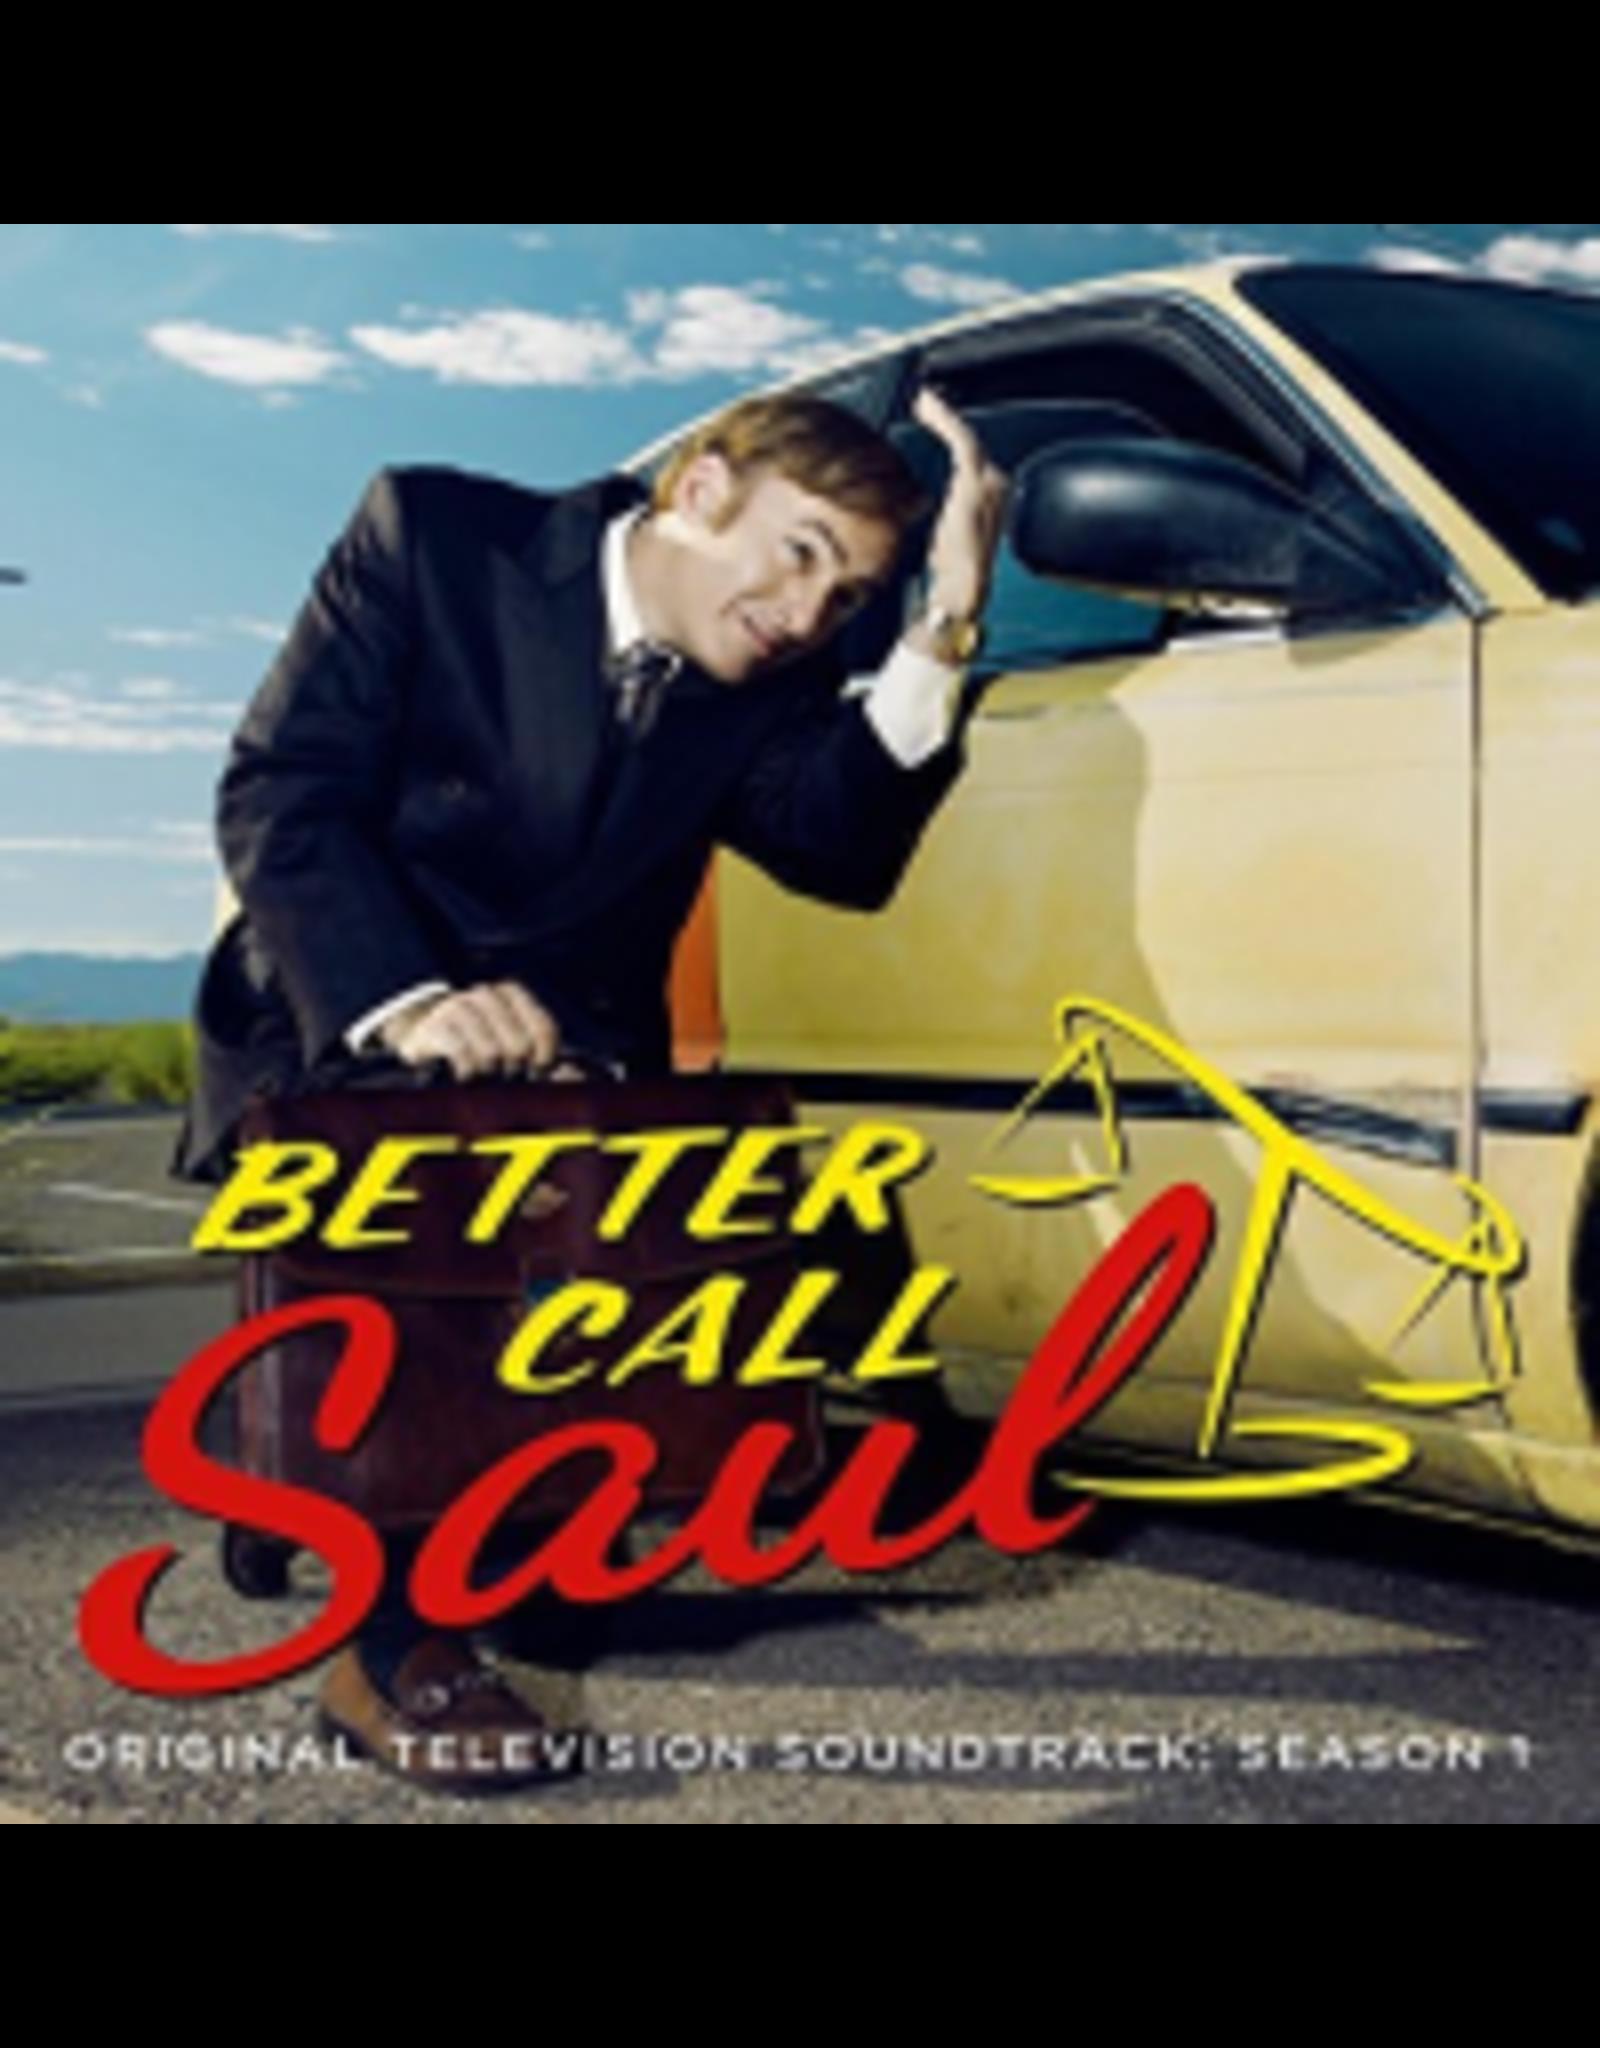 OST - Better Call Saul LP